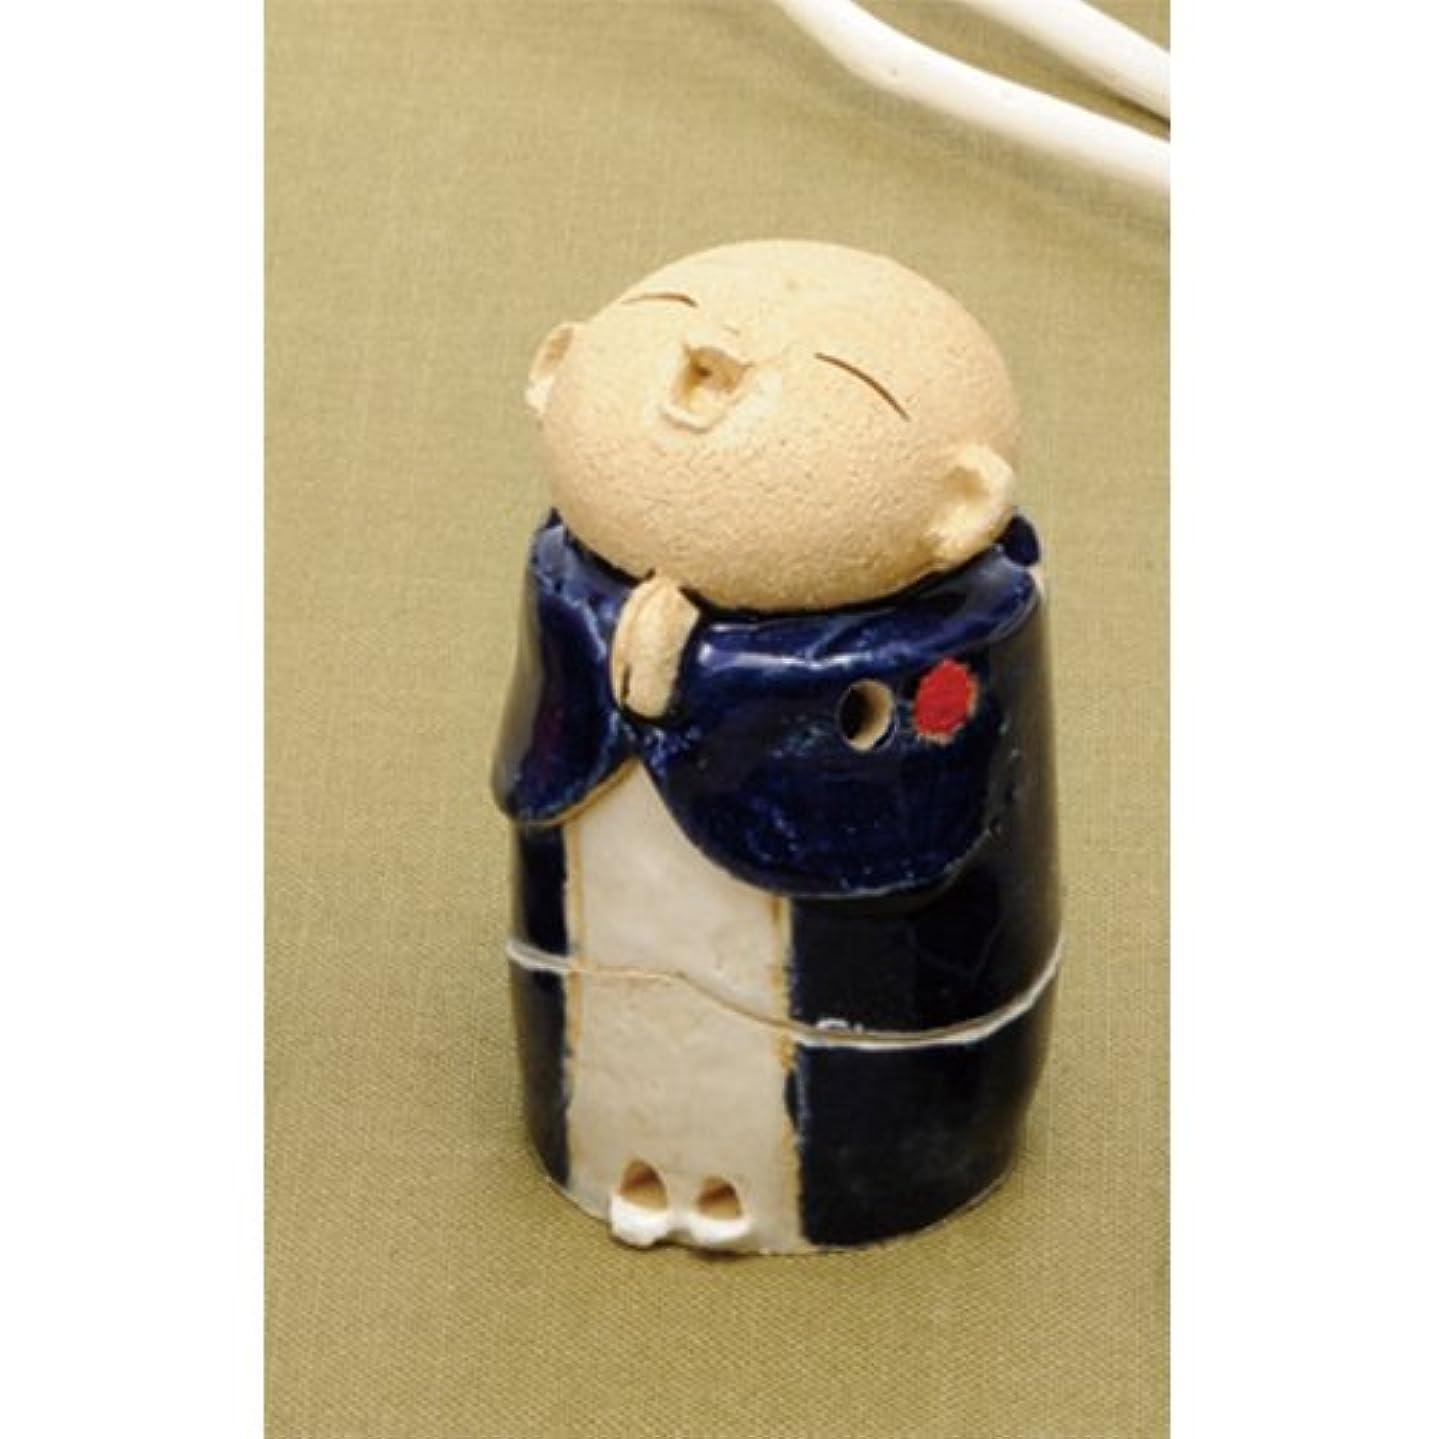 汚れるモールス信号鮫お地蔵様 香炉シリーズ 青 お地蔵様 香炉 2.8寸 [H8.5cm] HANDMADE プレゼント ギフト 和食器 かわいい インテリア